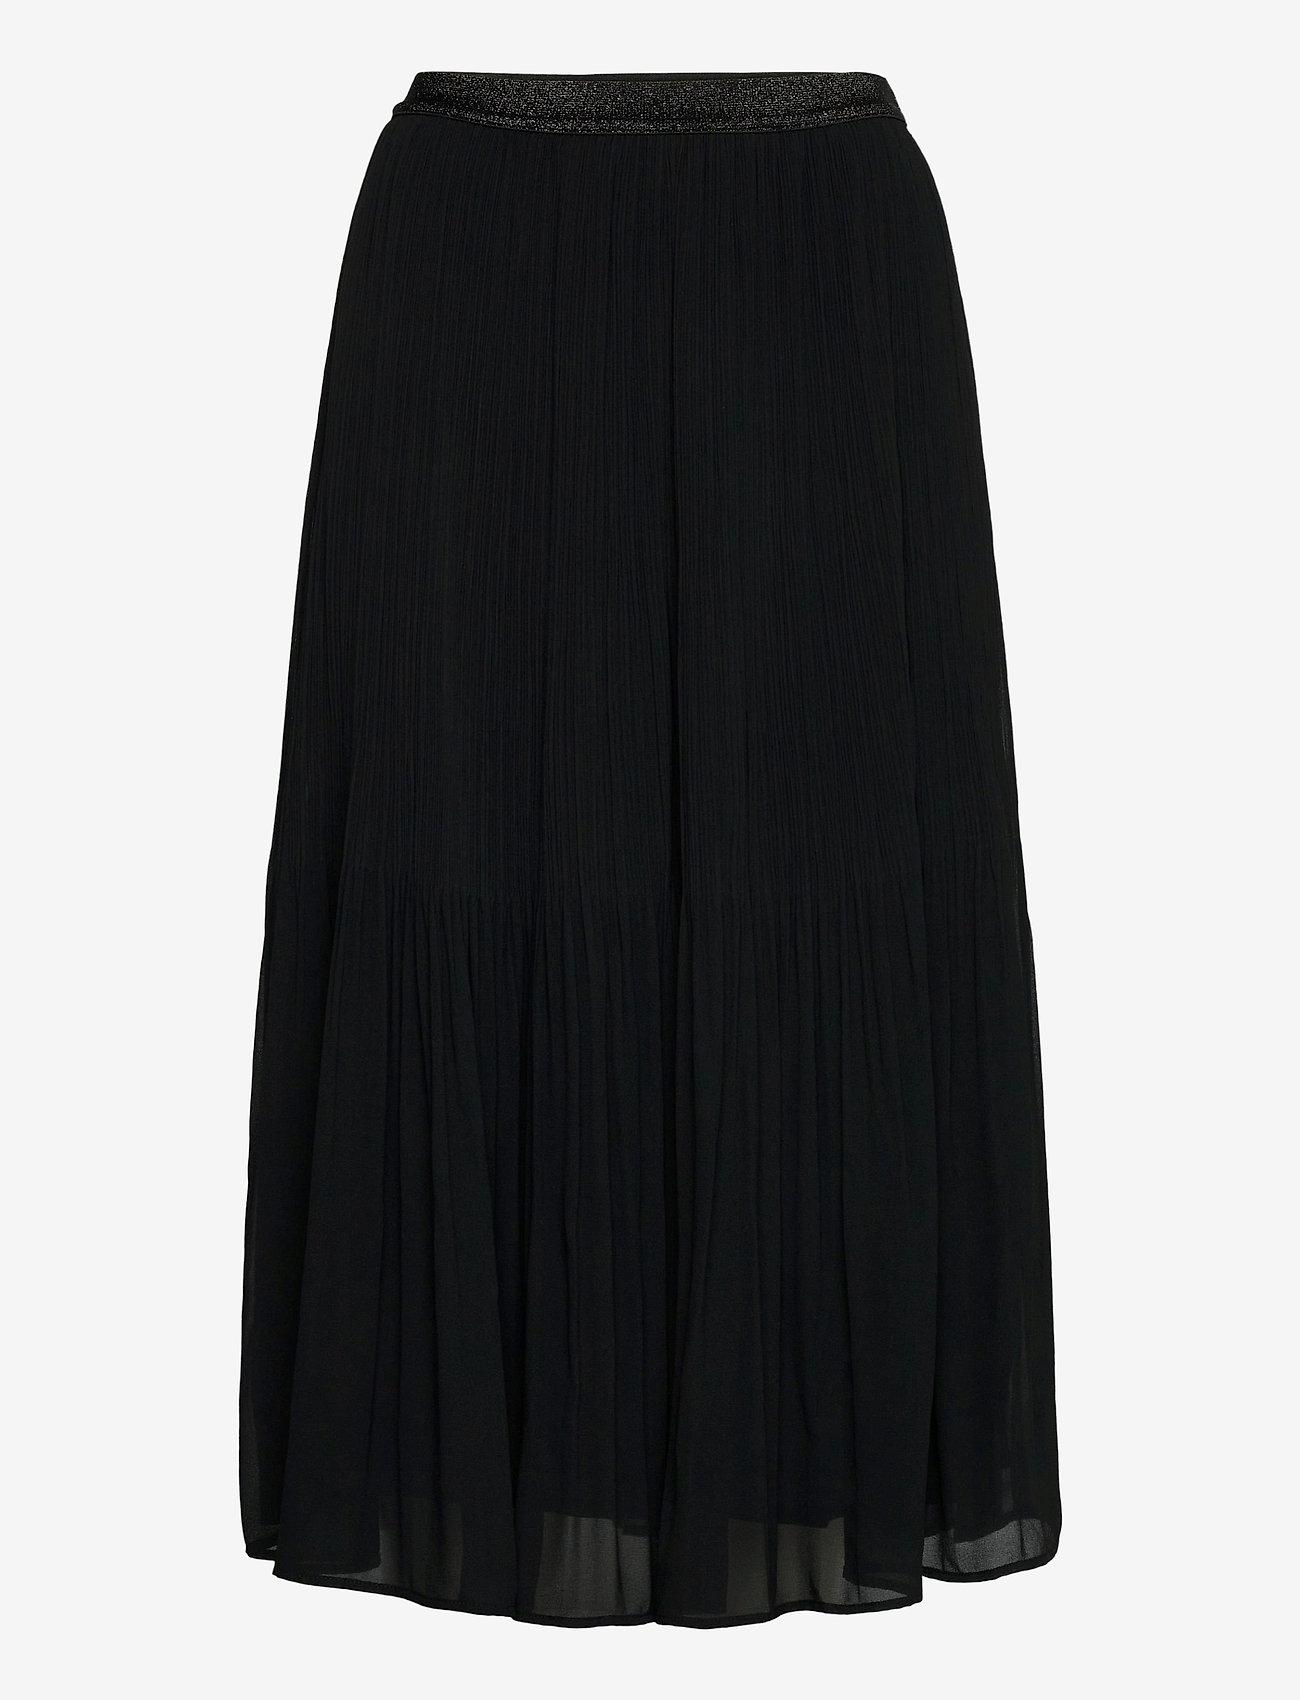 Rosemunde - Skirt - midi skjørt - black - 0